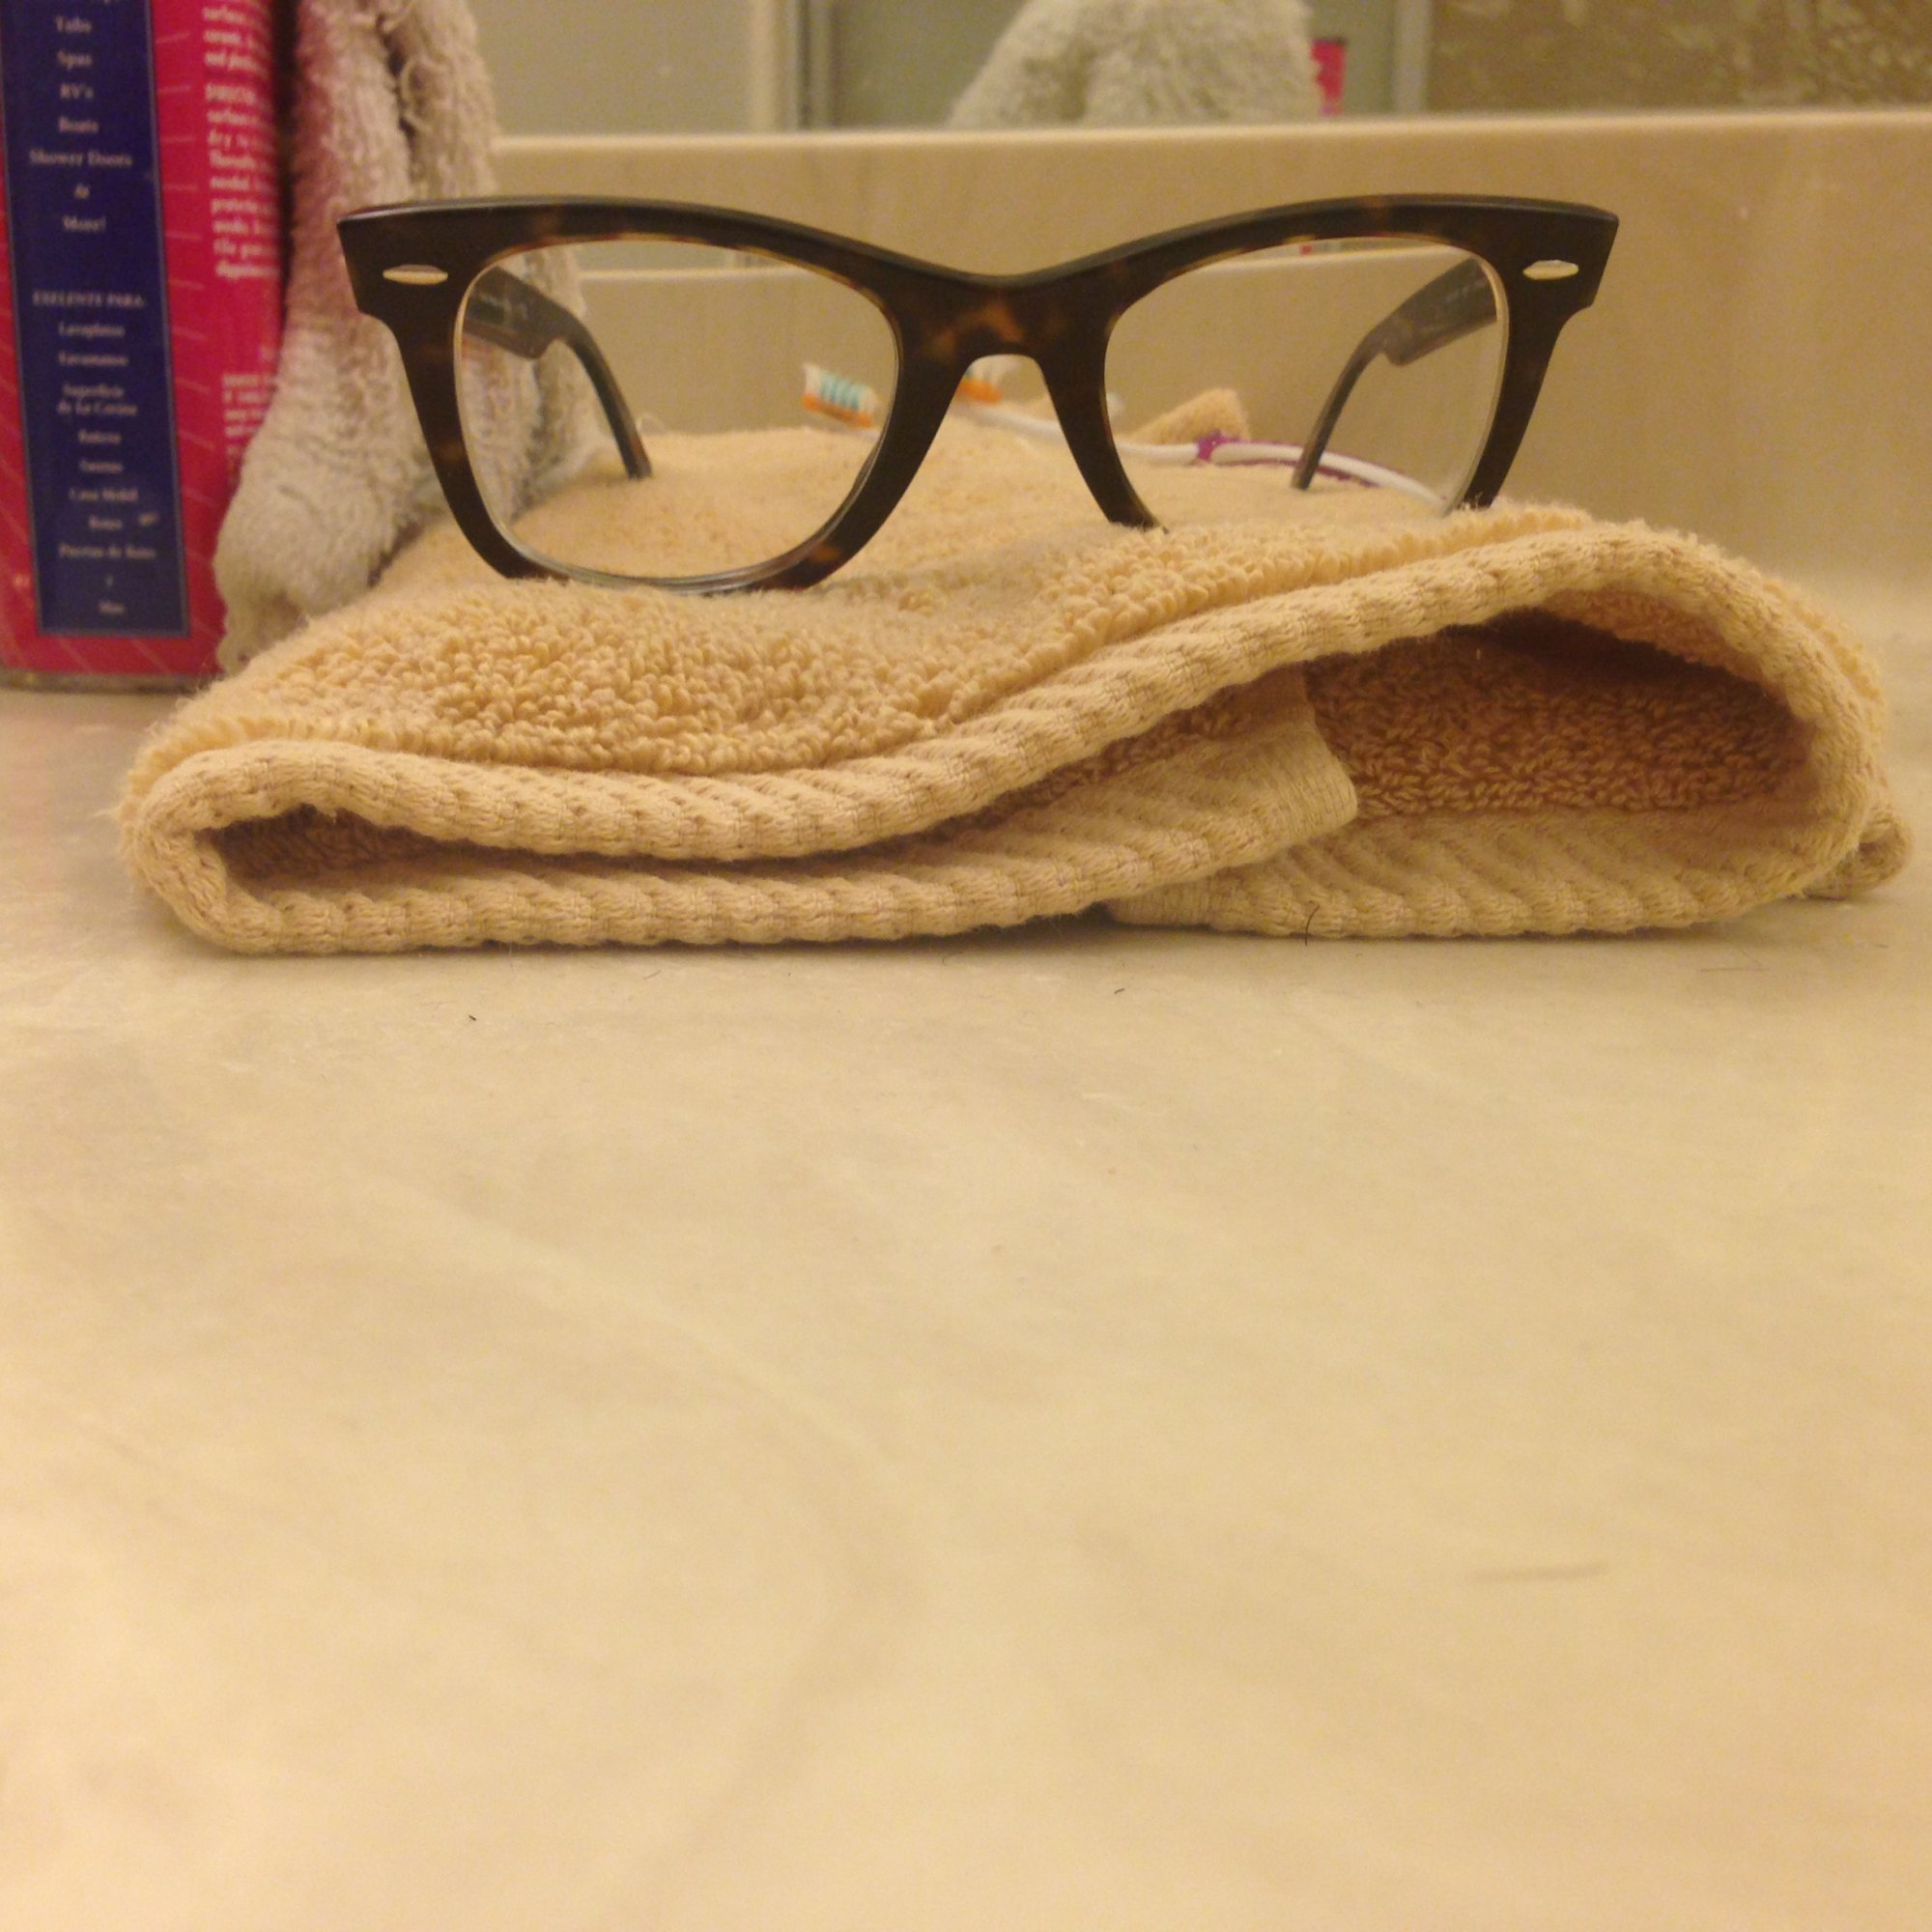 Towel Sneer.JPG